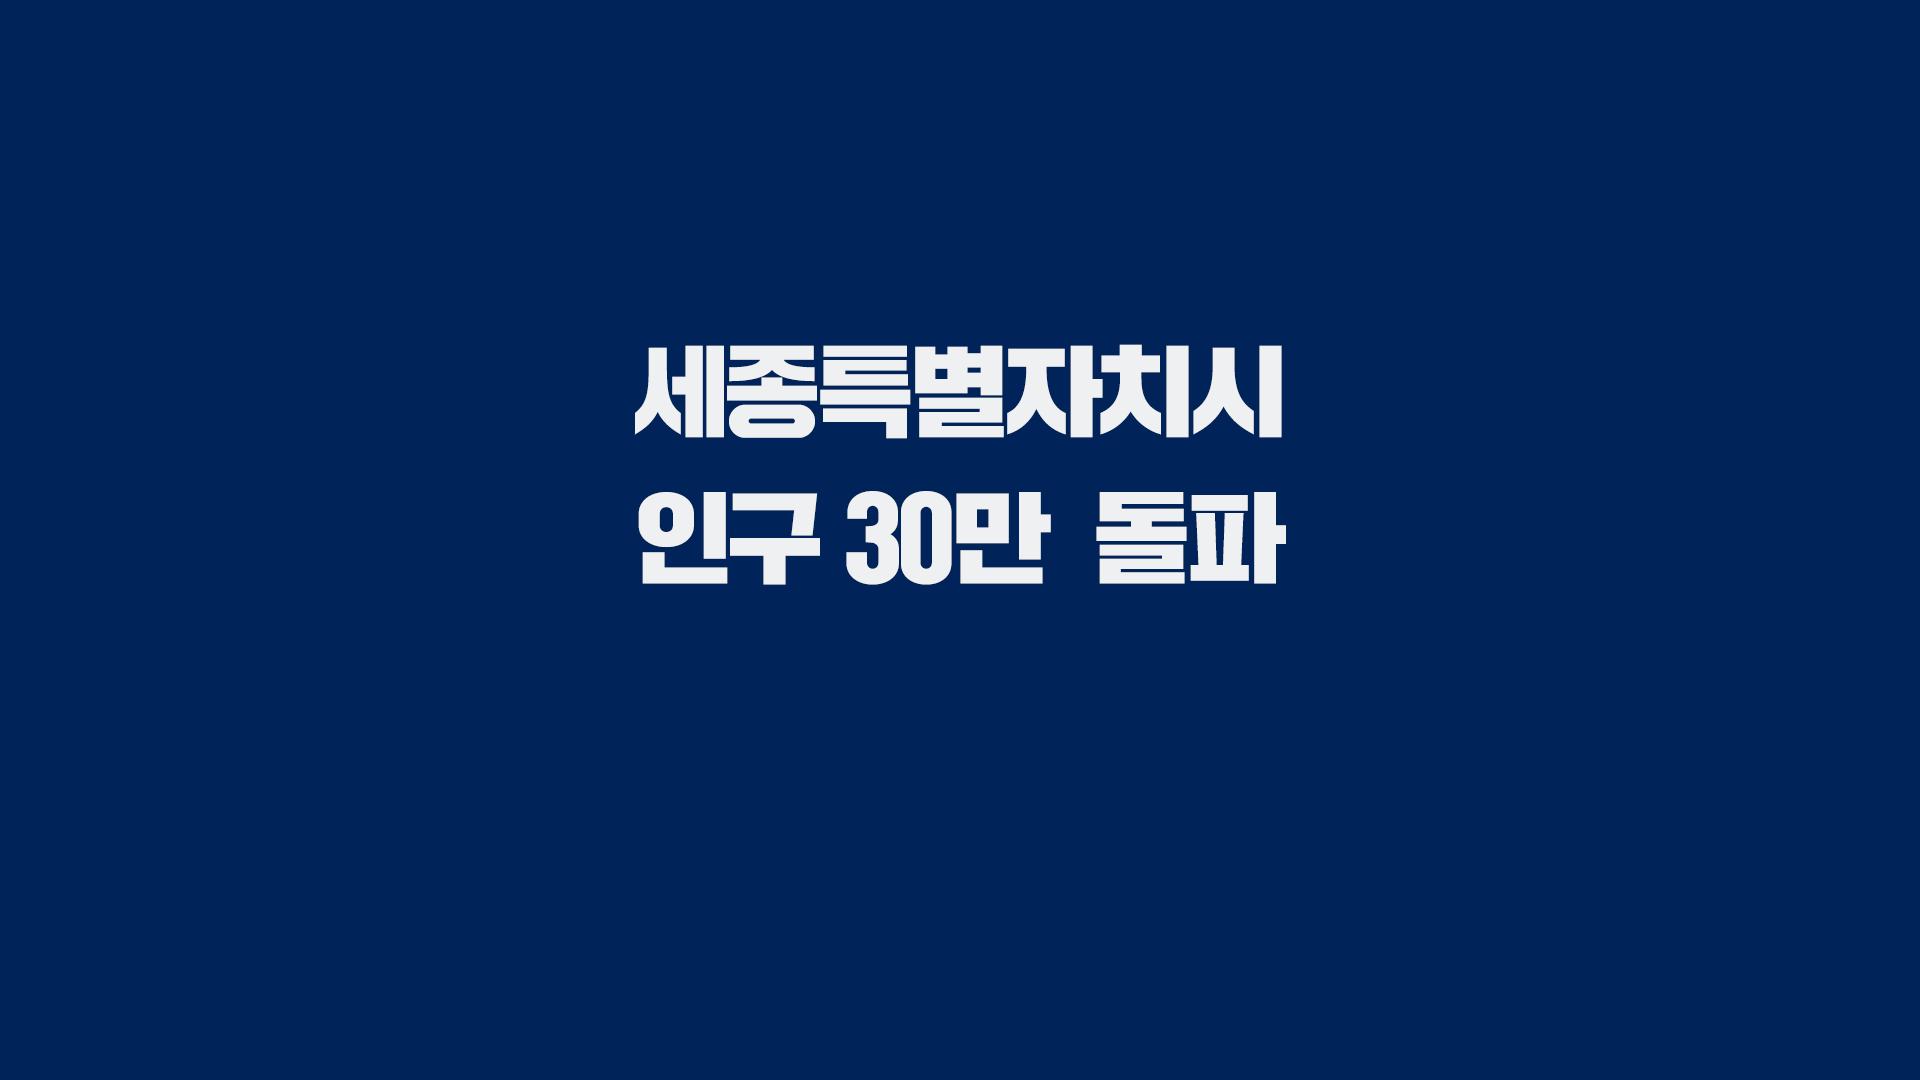 세종특별자치시 인구 30만 돌파 홍보영상